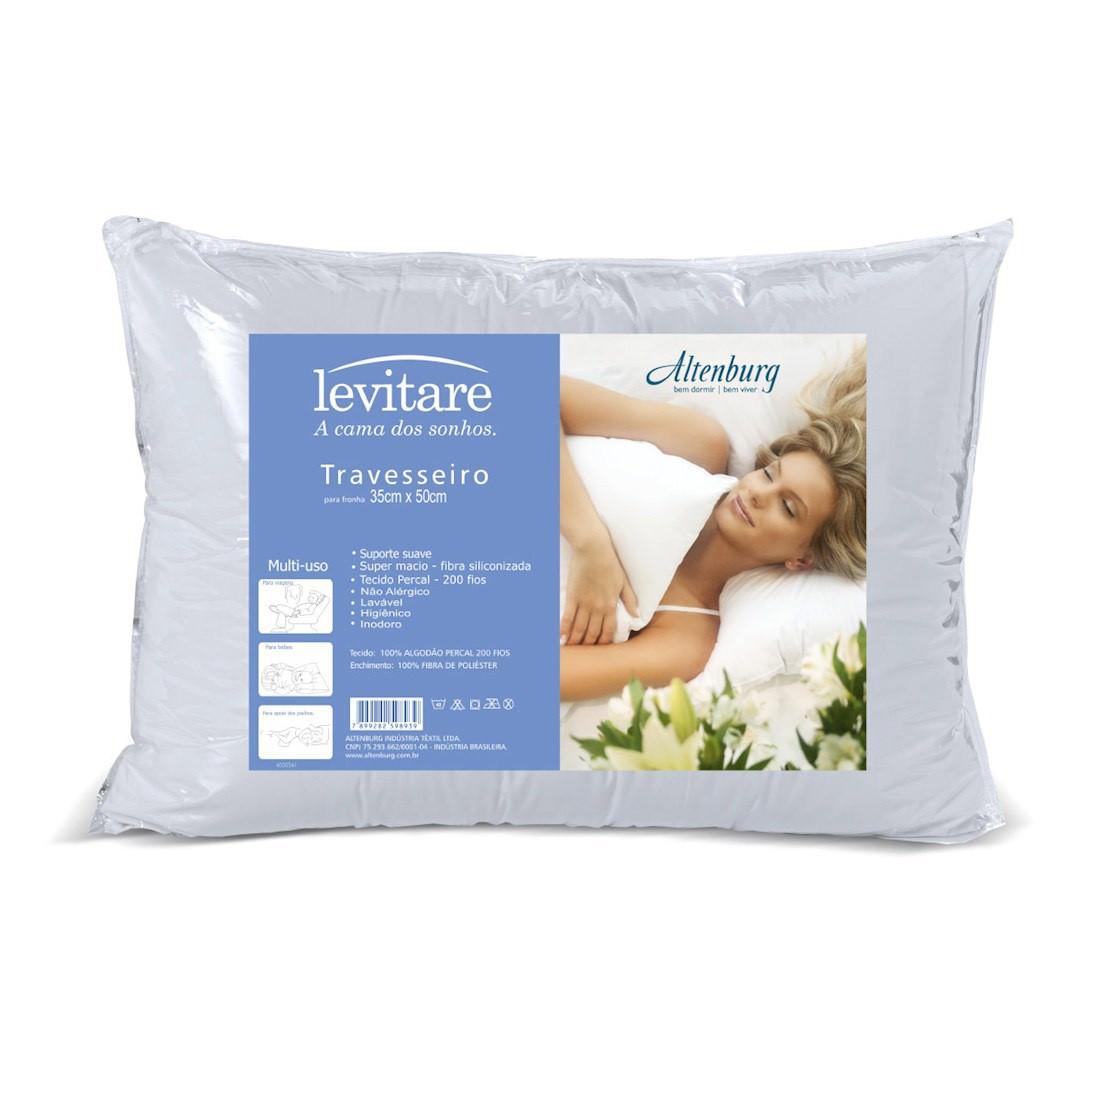 Travesseiro Altenburg 35×50 Levitare Multiuso Branco